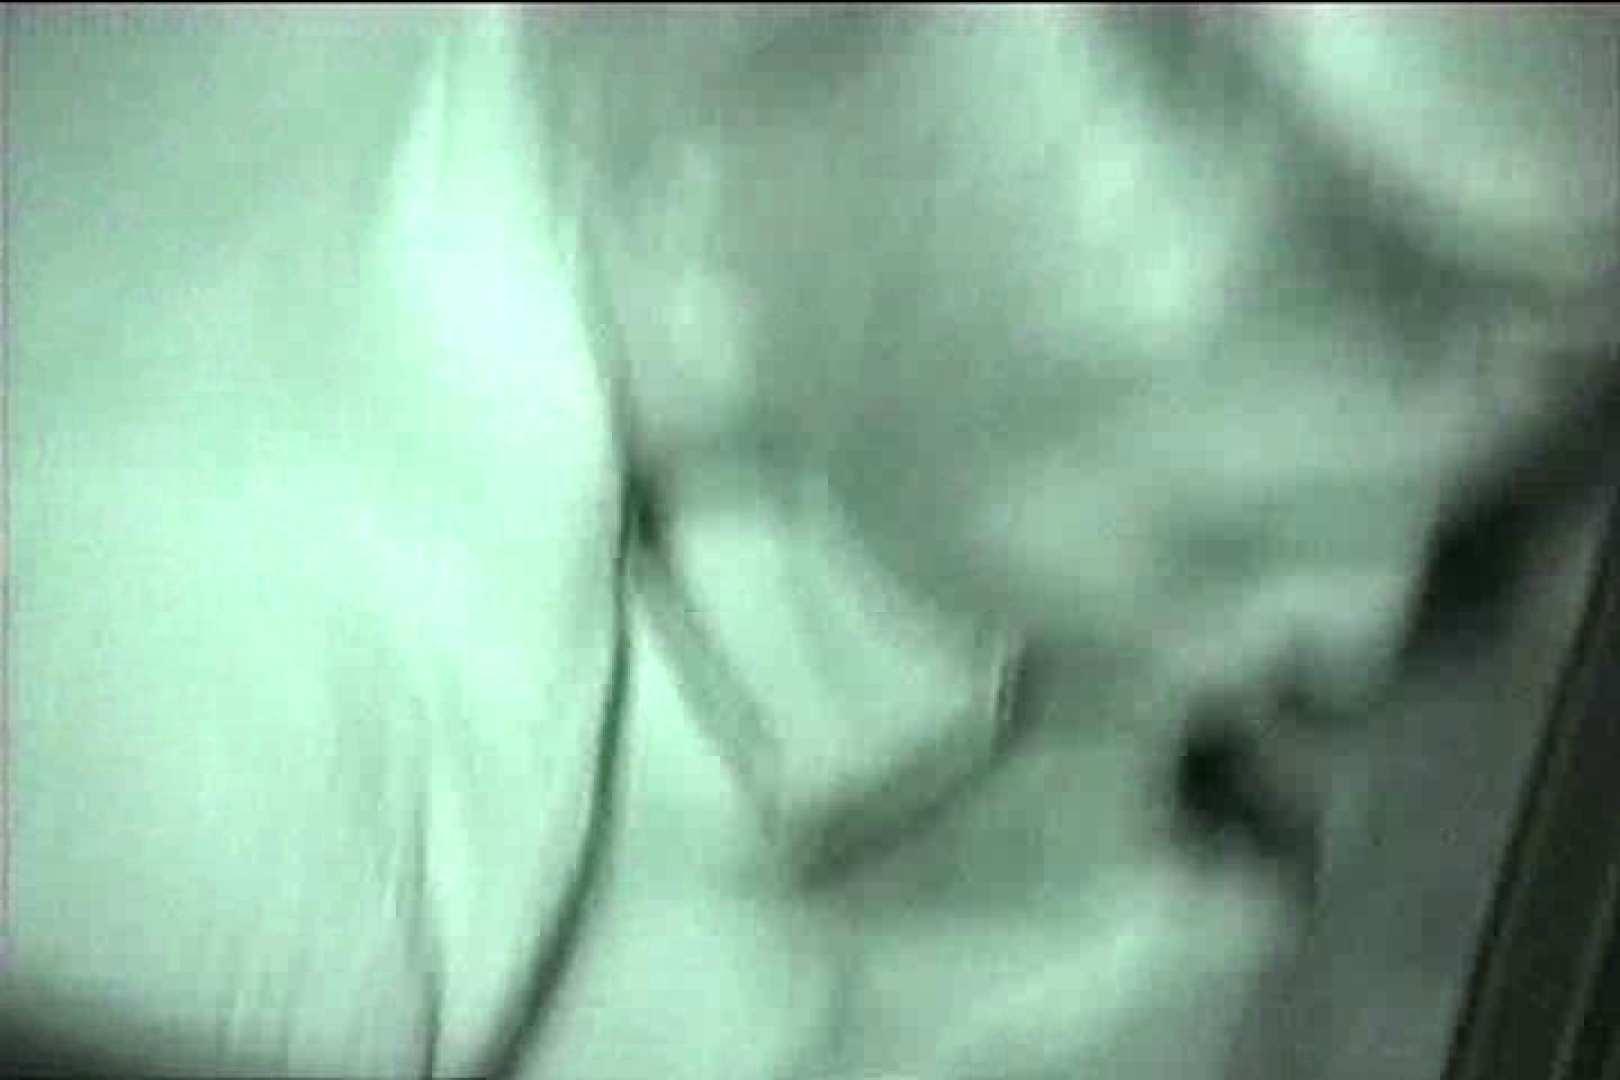 カーセックス未編集・無修正版 Vol.11 盗撮師作品 セックス画像 97pic 82